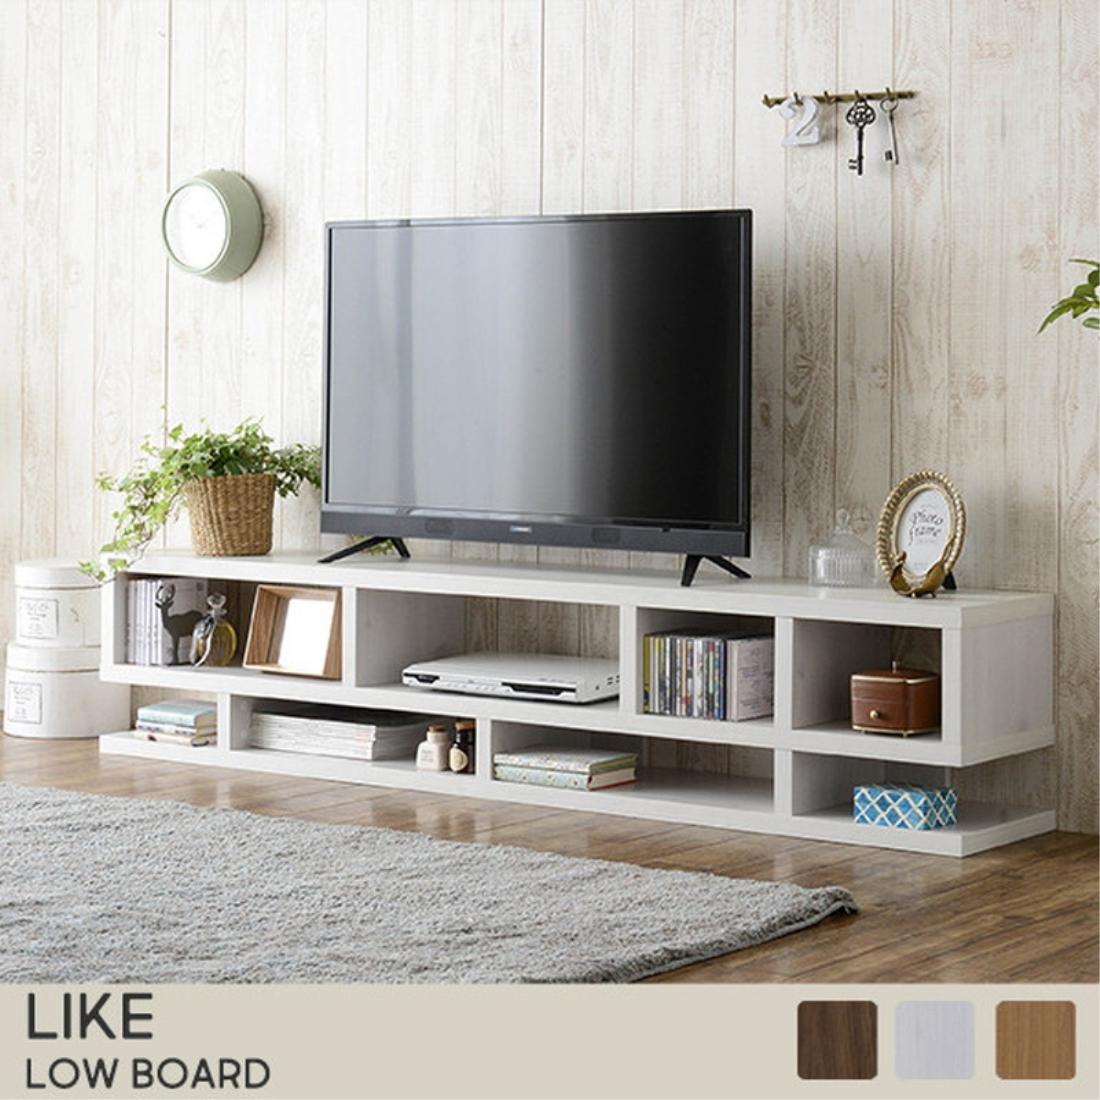 テレビ台 テレビ ボード TVボード Like(ライク) ローボード ローシェルフ(180cm幅/36cm高)